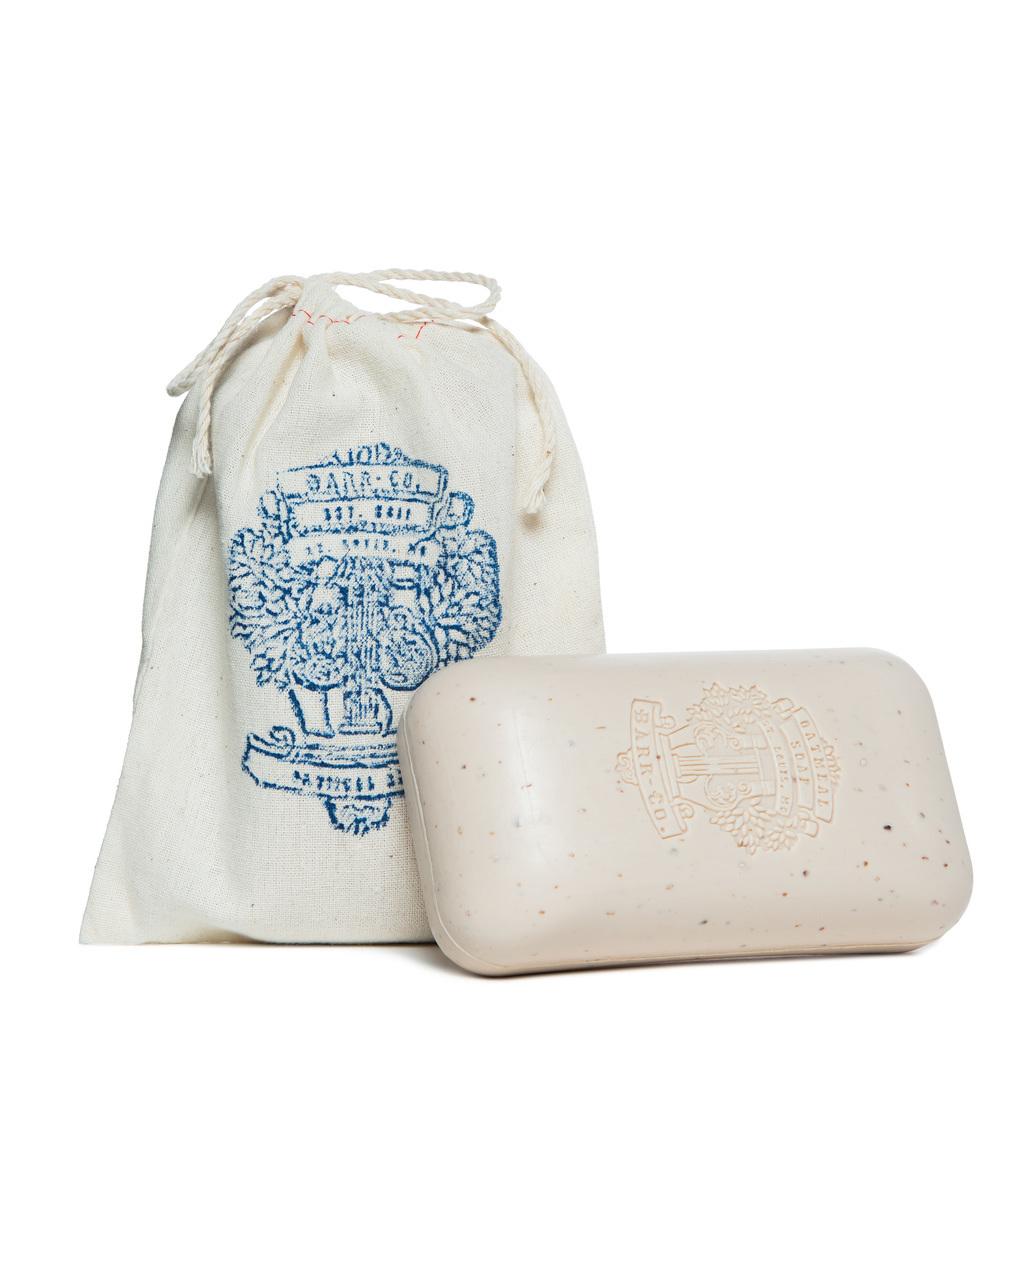 Barr-Co. Oatmeal Saddle Soap